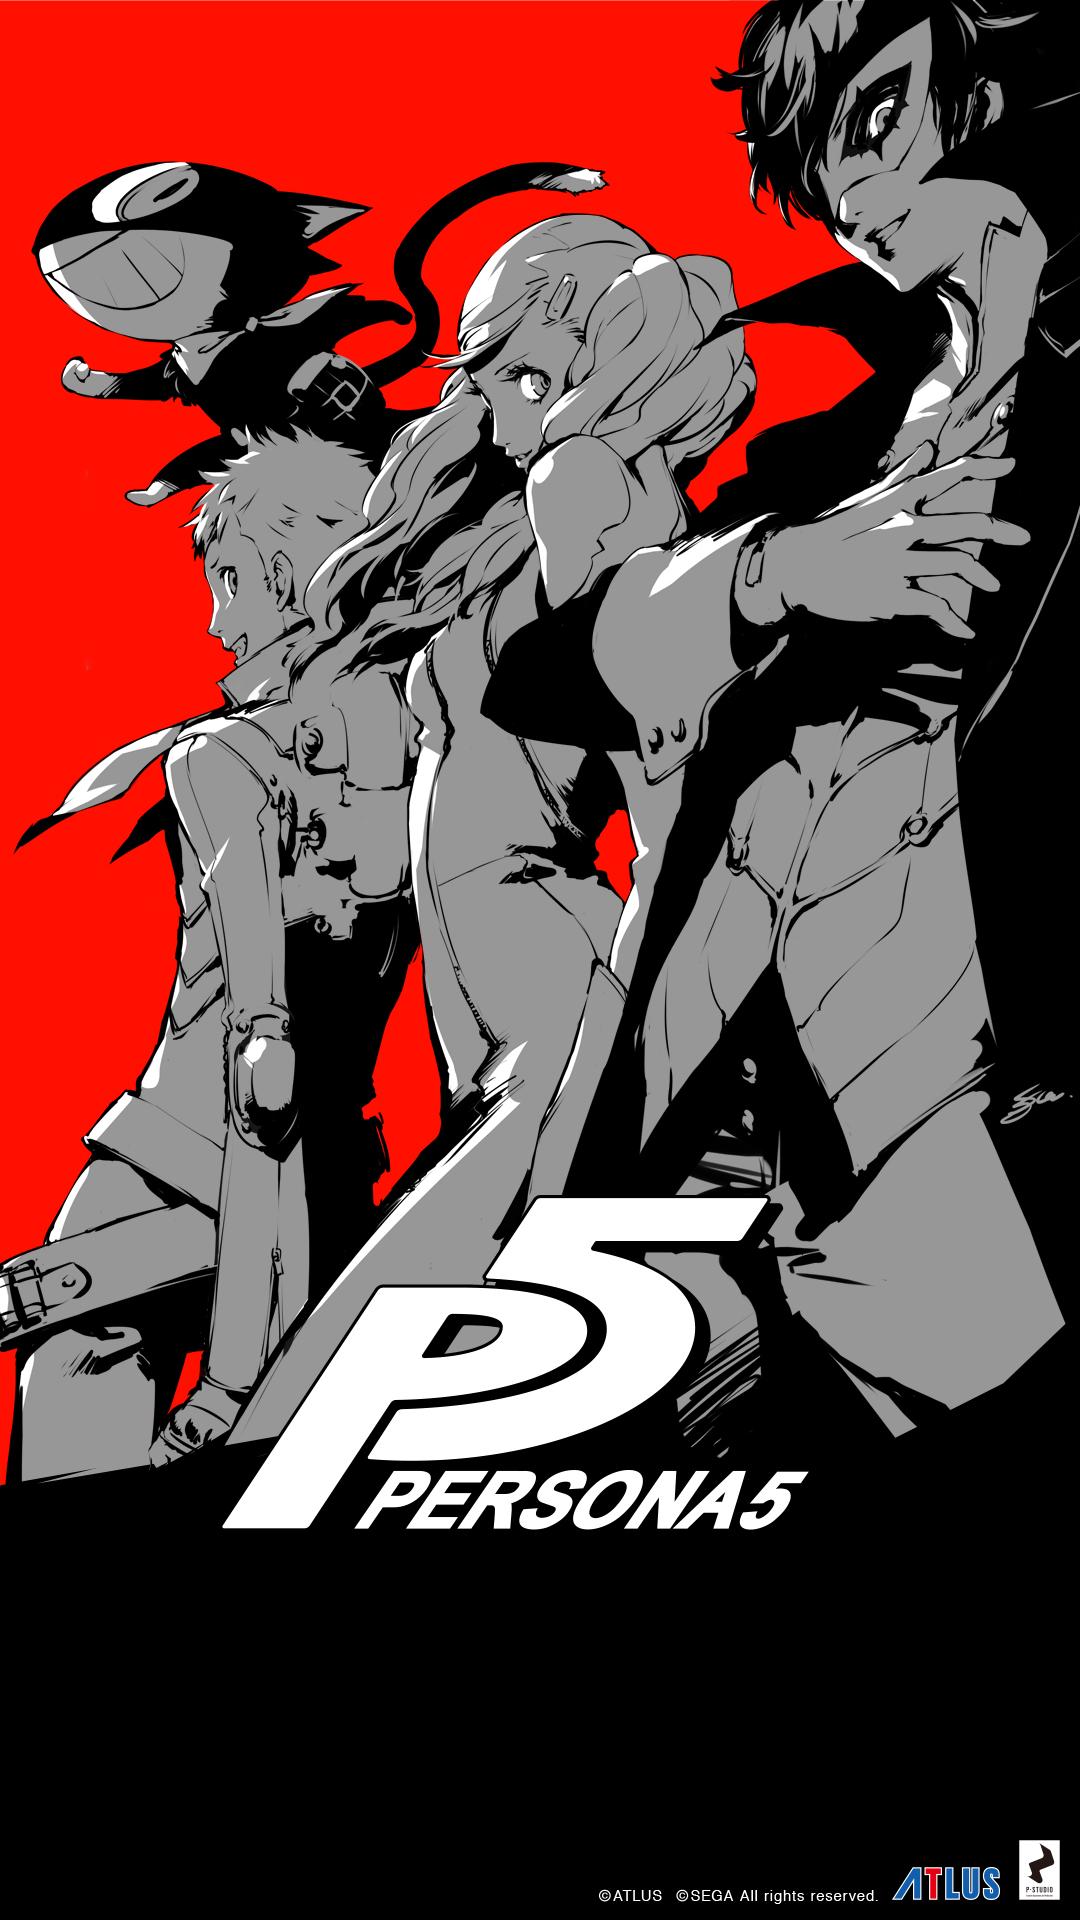 Persona 5 HD Wallpaper - WallpaperSafari